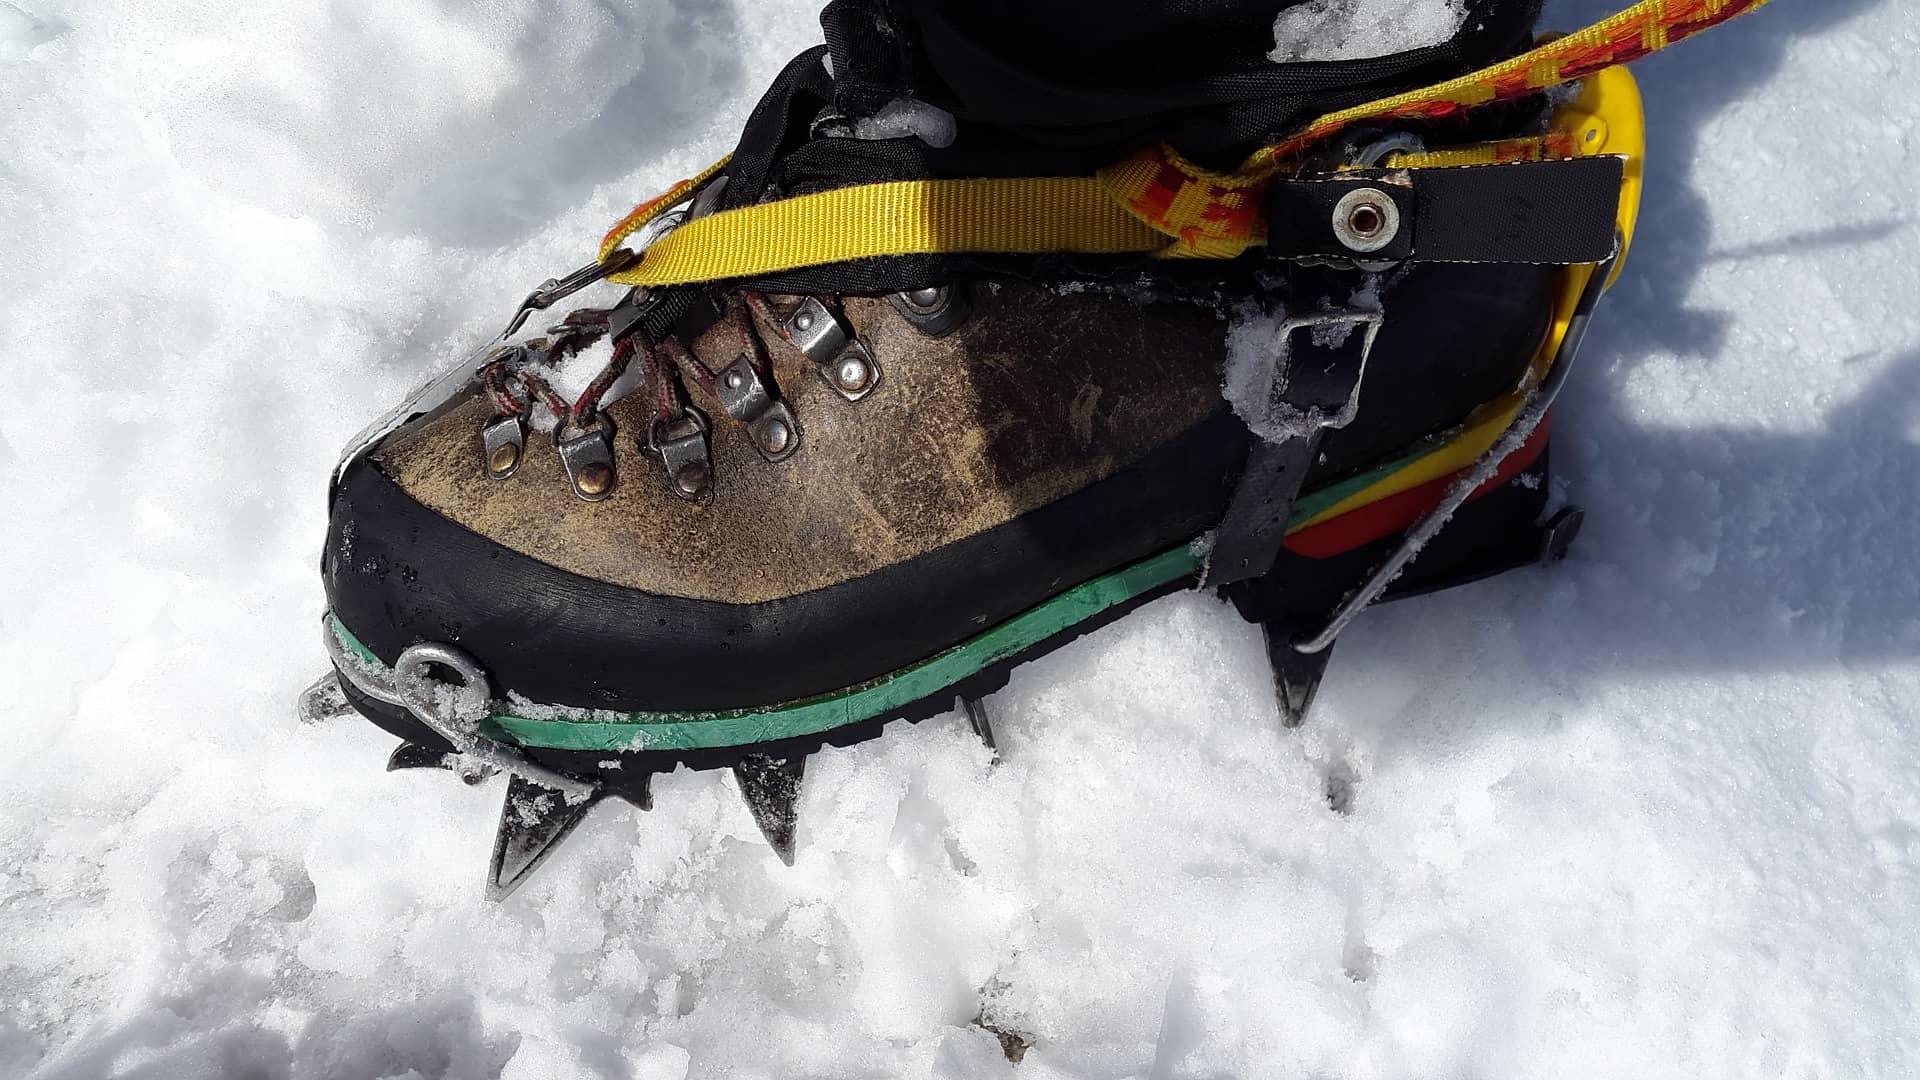 Escursioni invernali ramponi ramponcini